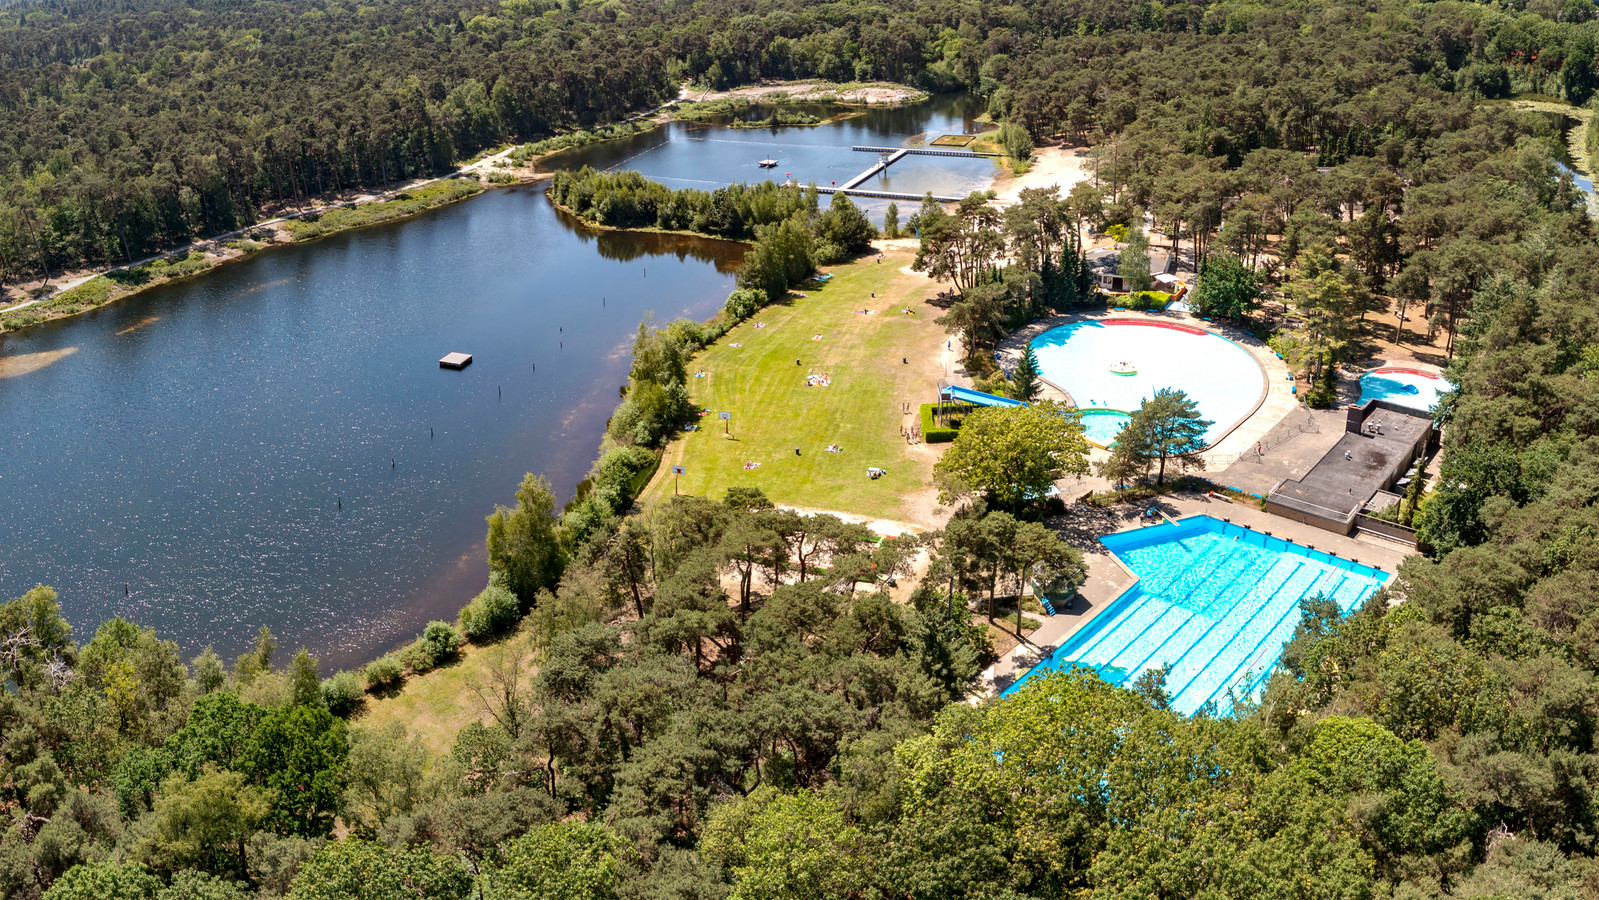 Openluchtzwembad Staalbergven biedt badgasten zowel chloorbaden als natuurwater (waarbij alleen het rechterdeel nog gebruikt mag worden).